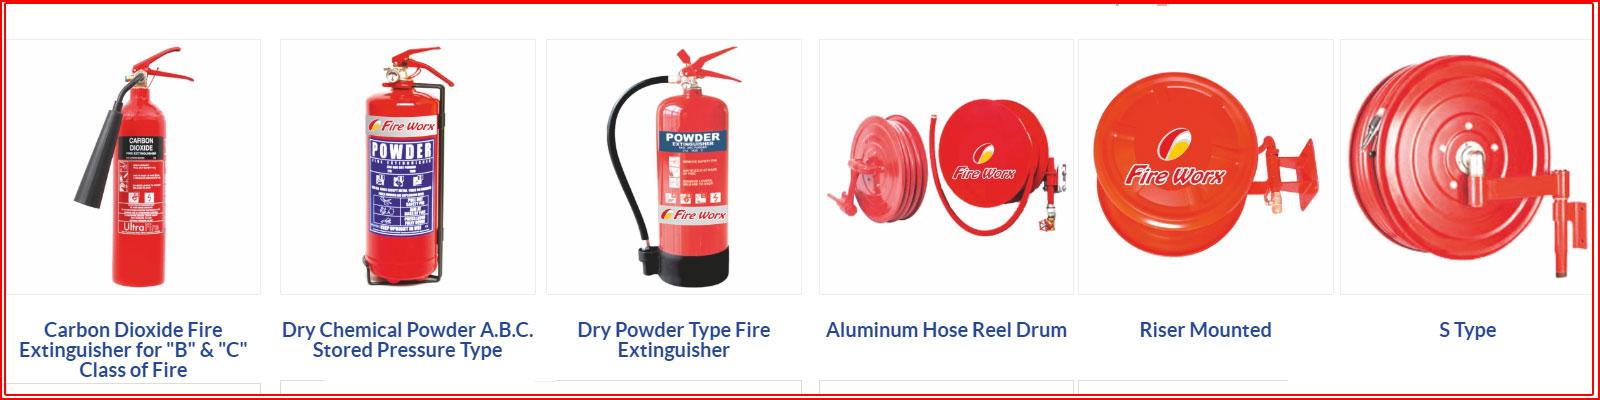 fireextinguisherssuppliers2